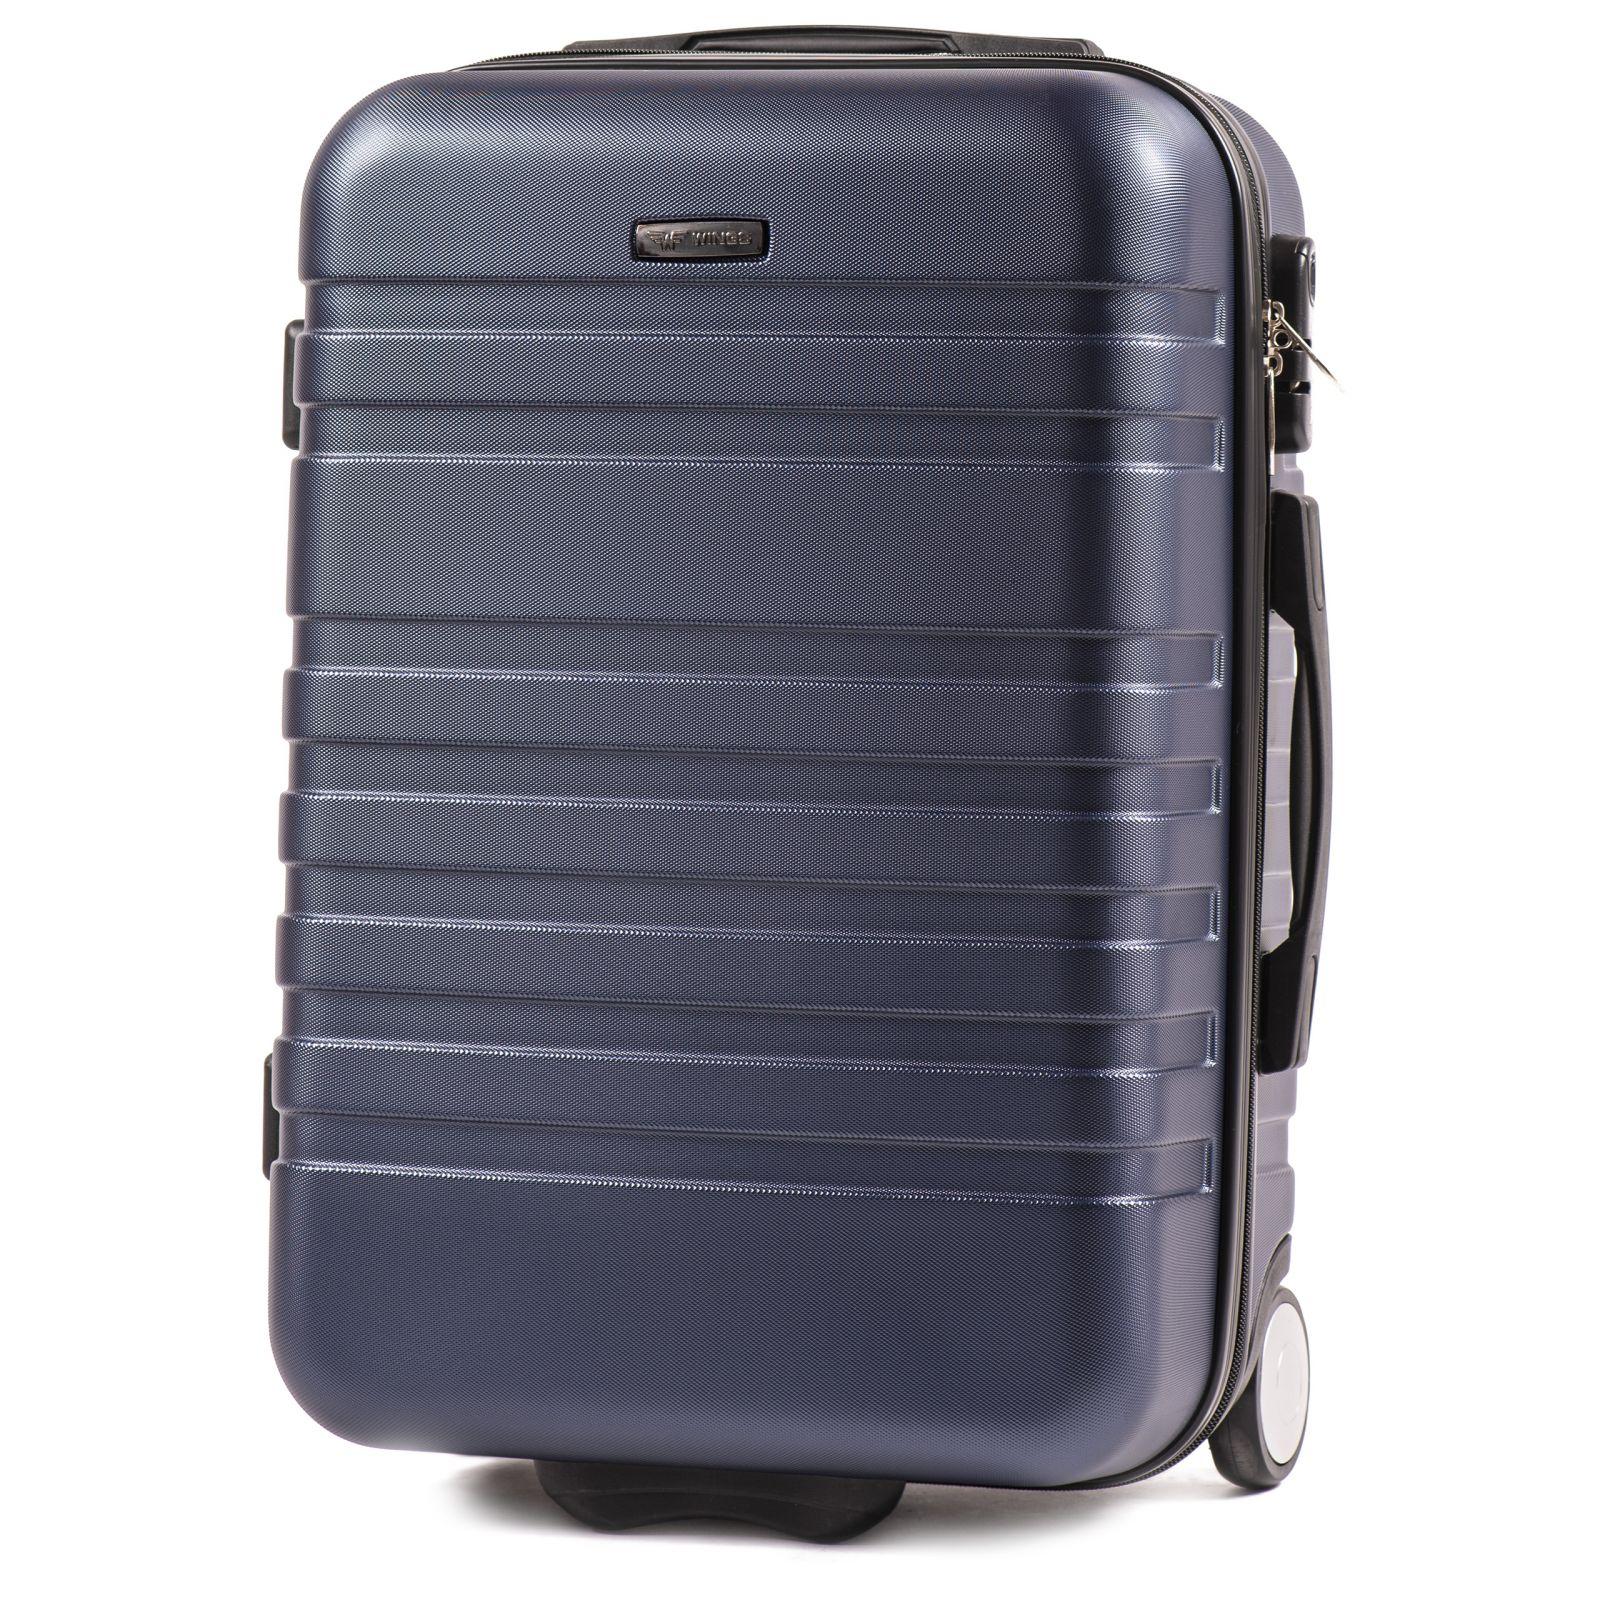 Cestovní kufr WINGS 5186 ABS 2w DARK BLUE malý S E-batoh